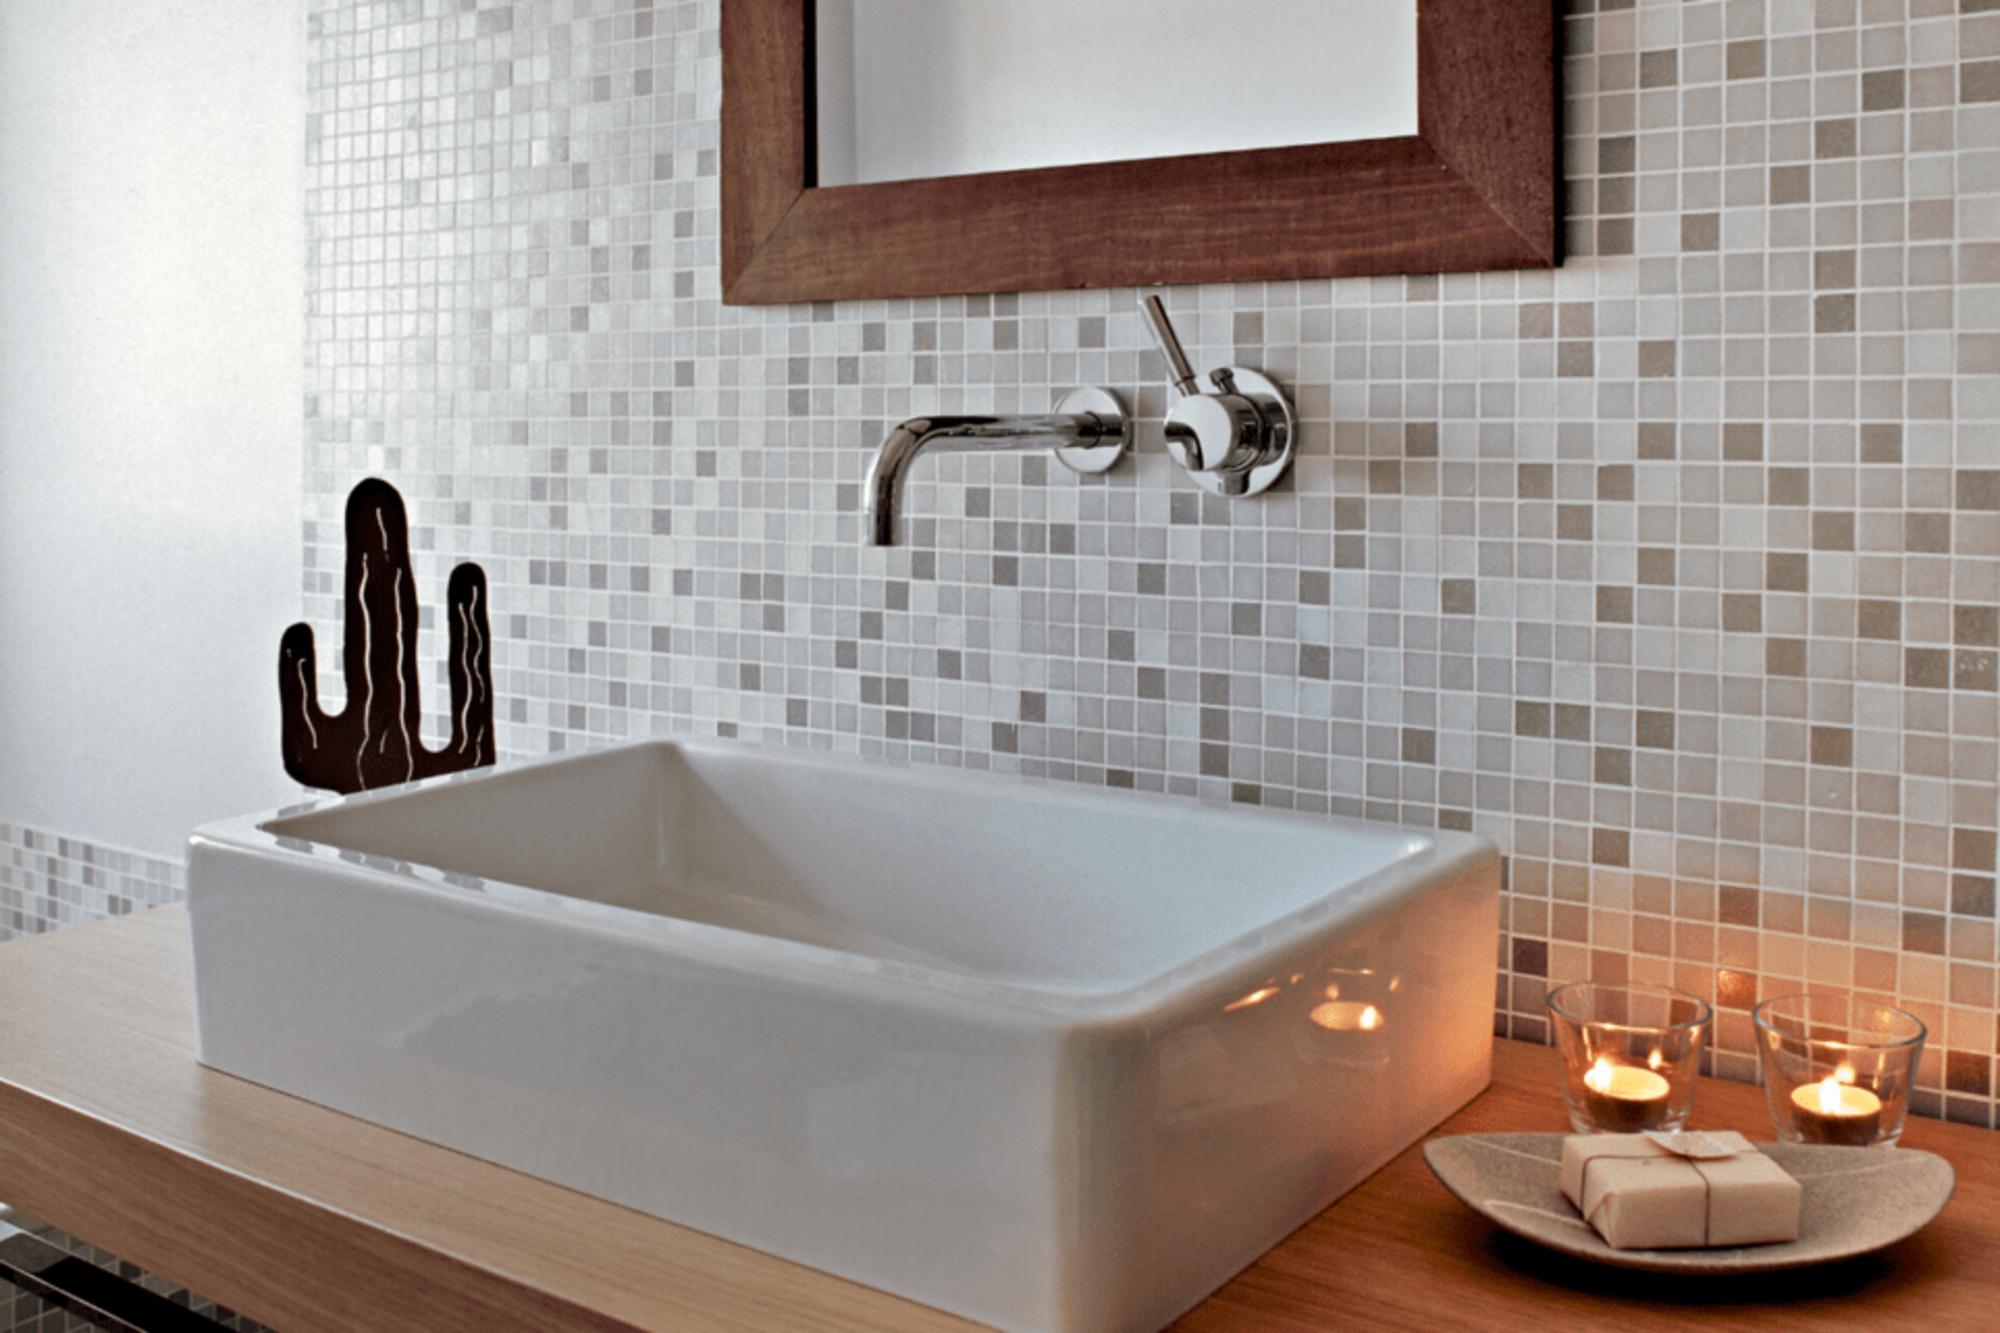 tegels idee badkamer